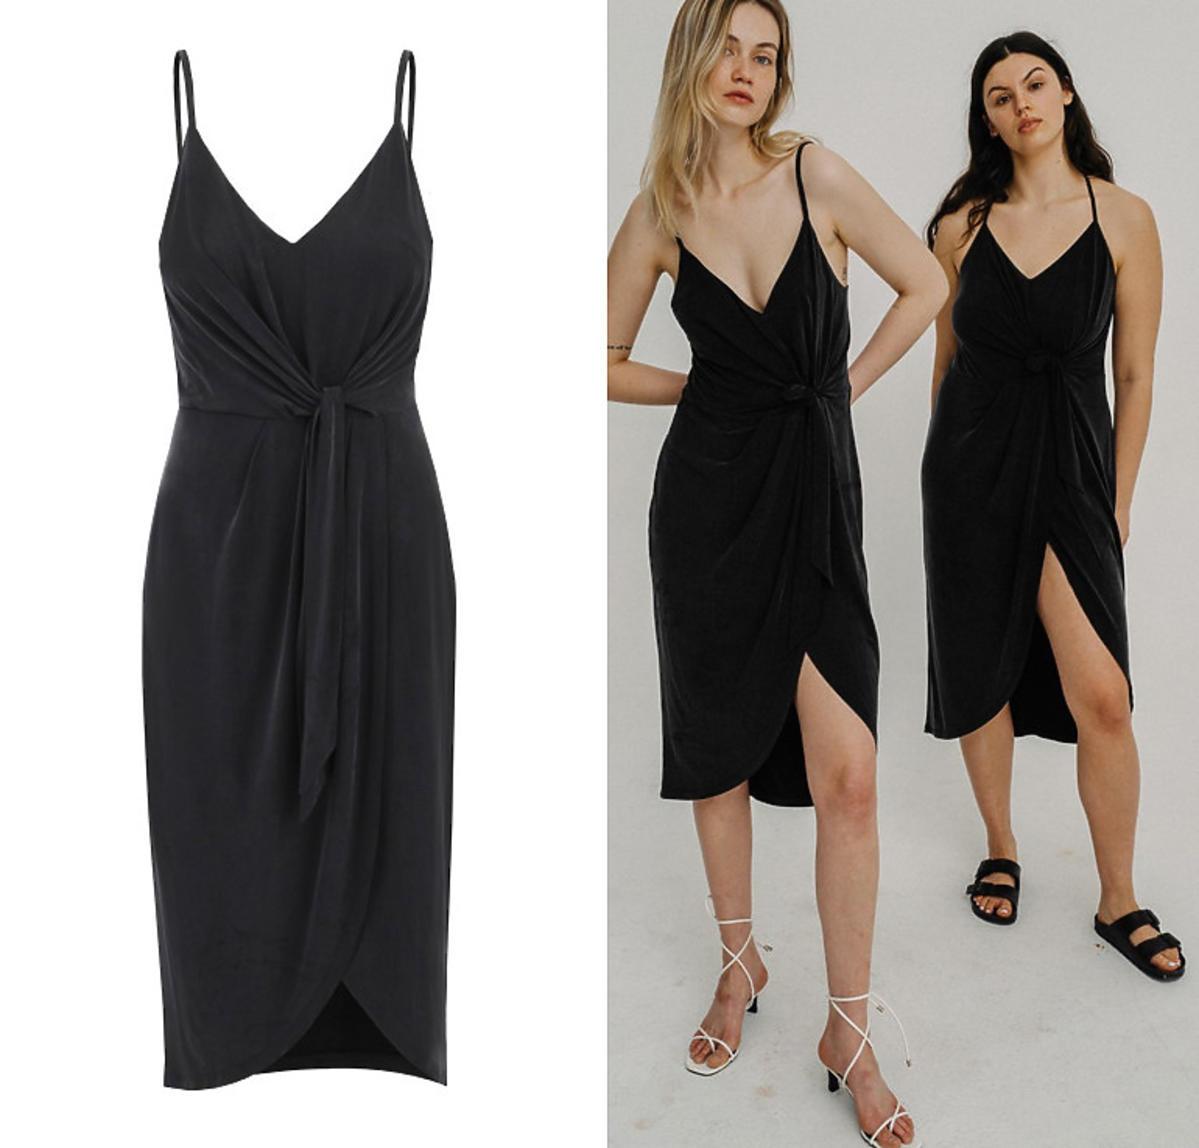 Sukienka z cupro, NAGO, 429 zł